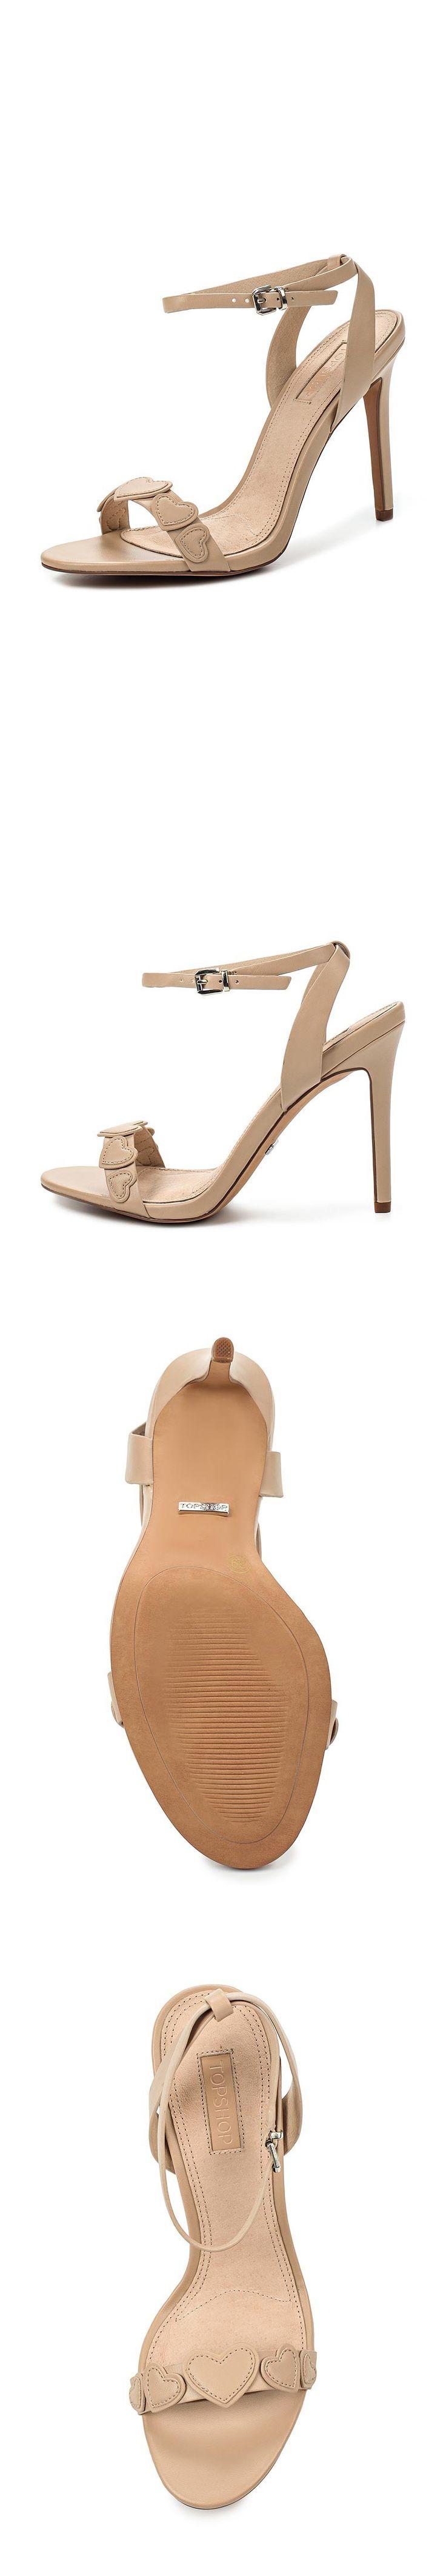 Женская обувь босоножки Topshop за 4710.00 руб.